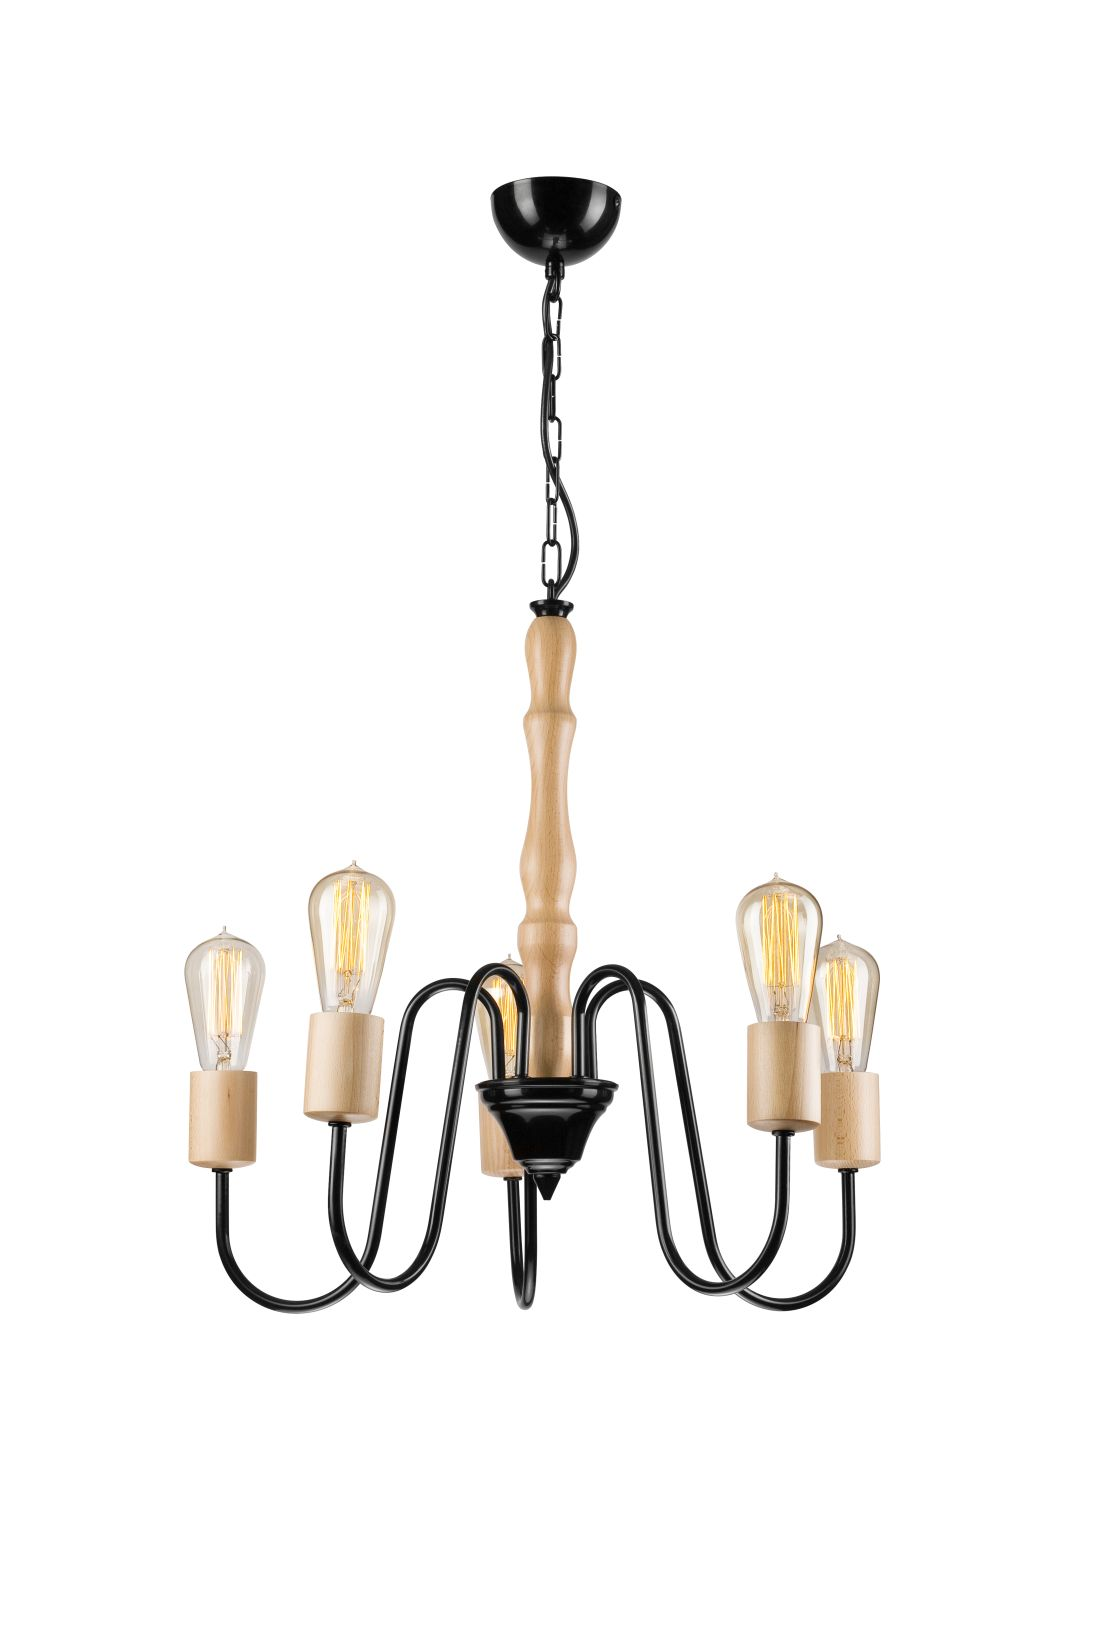 Kronleuchter Holz 5-flmg Modern Esstisch Lampe